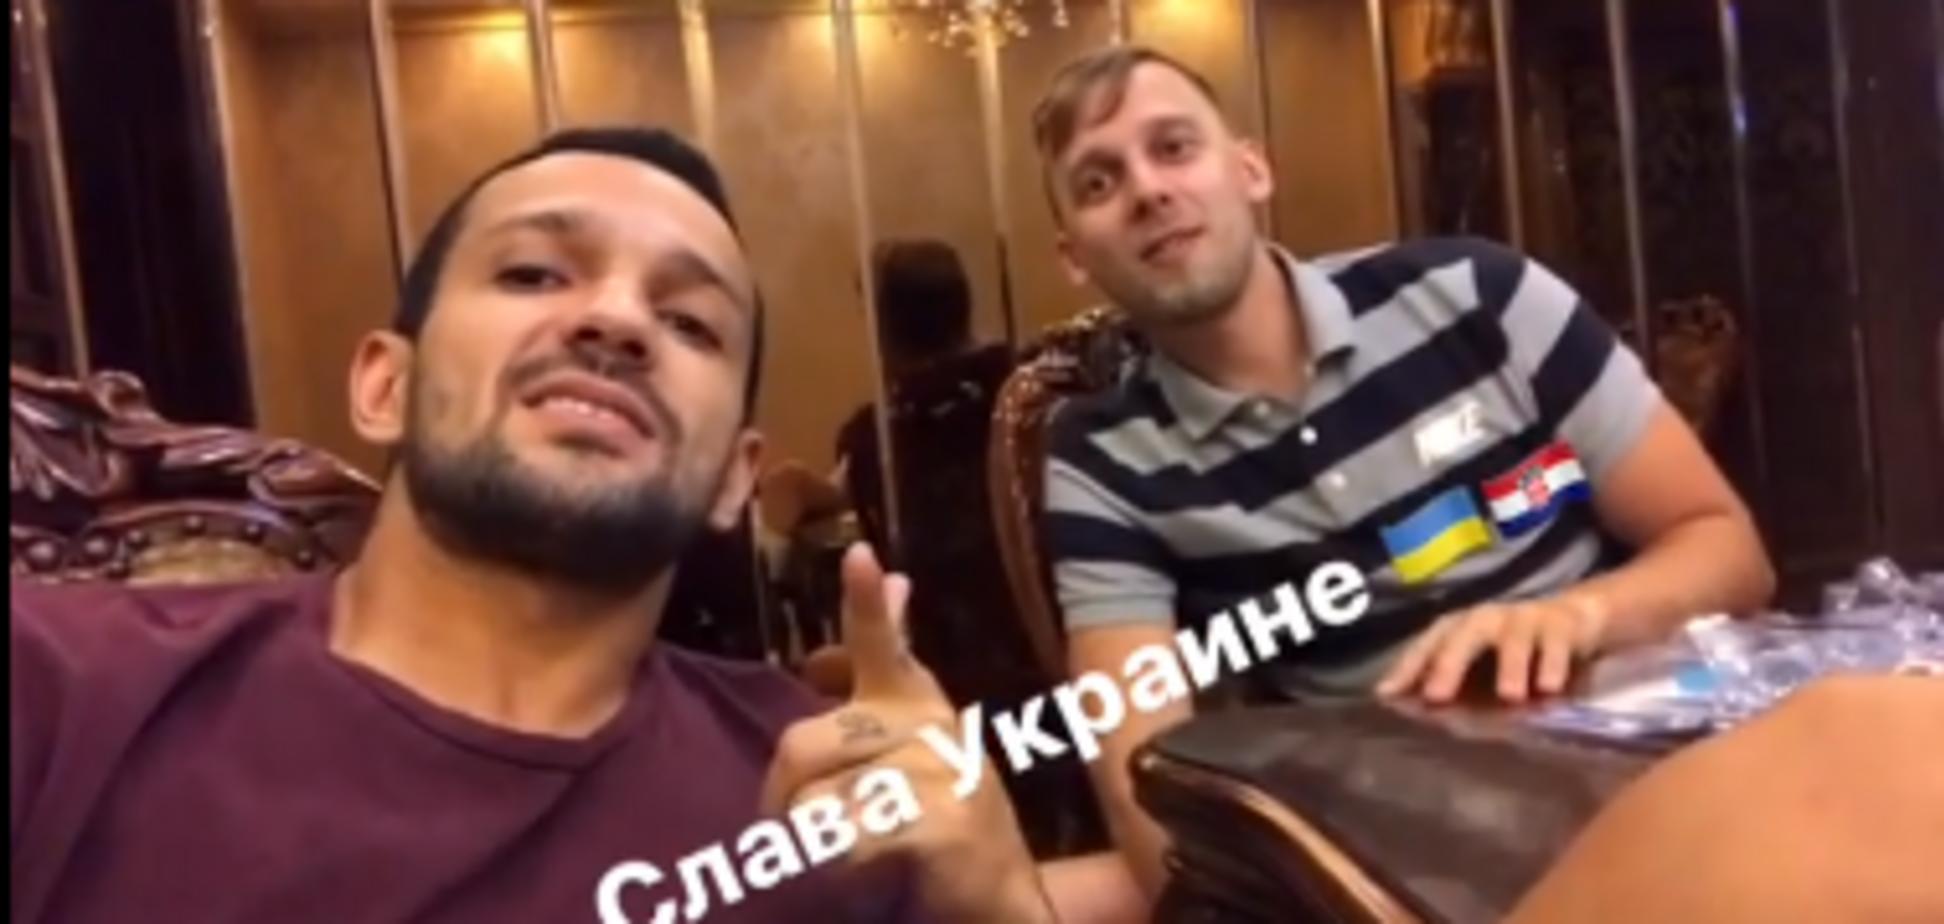 'Слава Україні!' Відомий бразильський футболіст зняв відео на підтримку Вiди і Вукоєвича